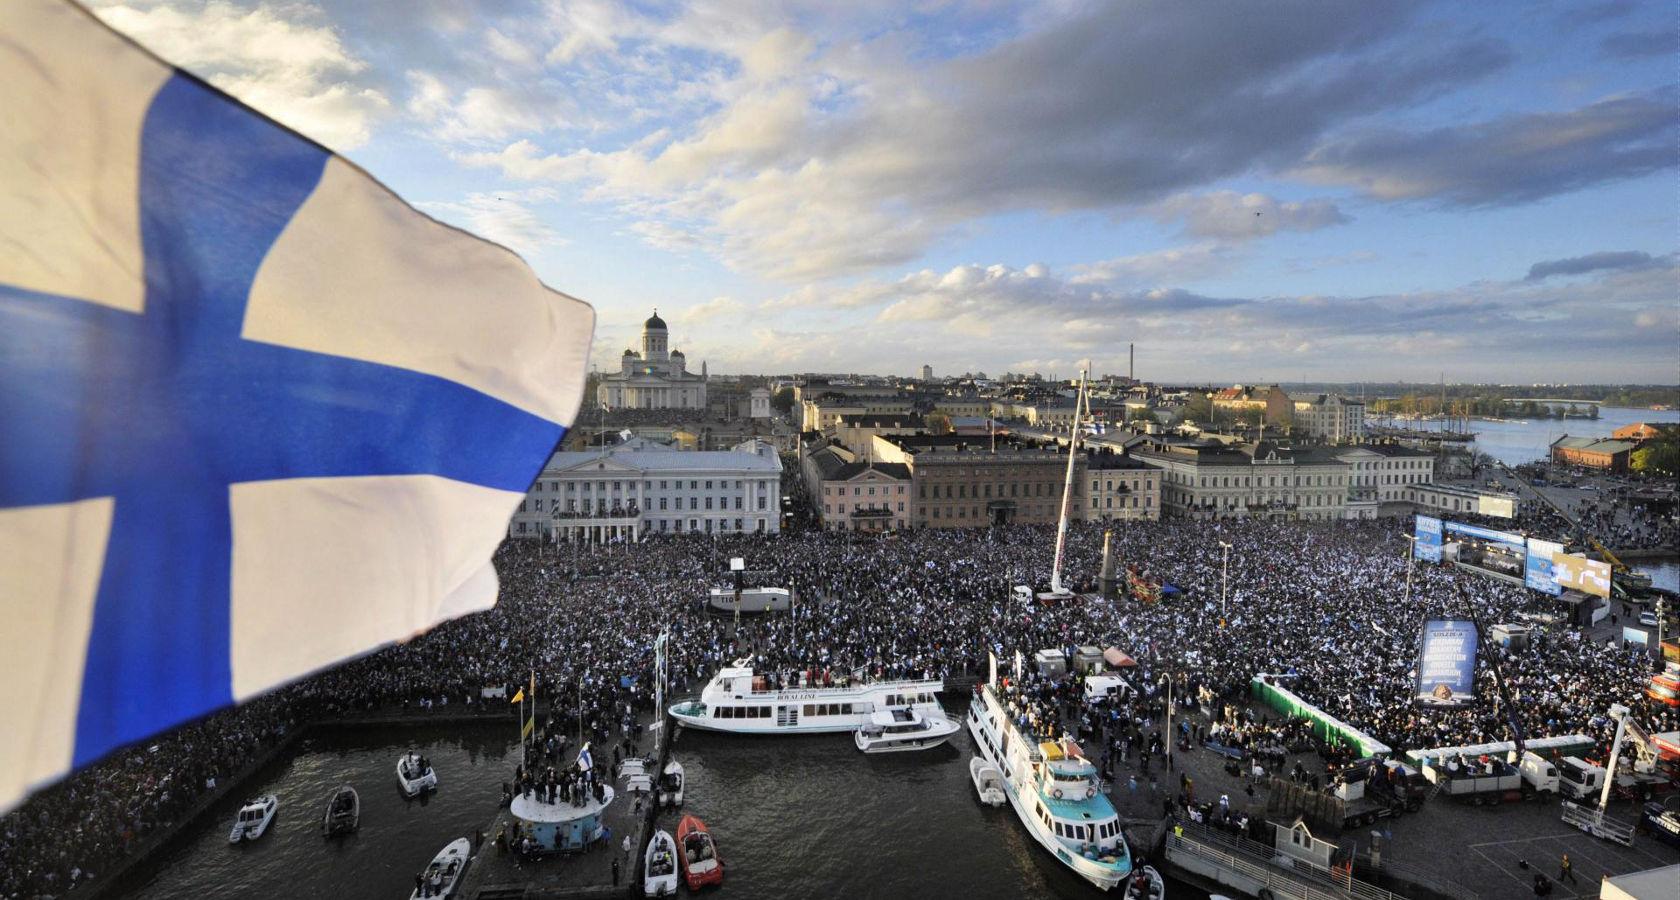 Образование Финляндии как государства